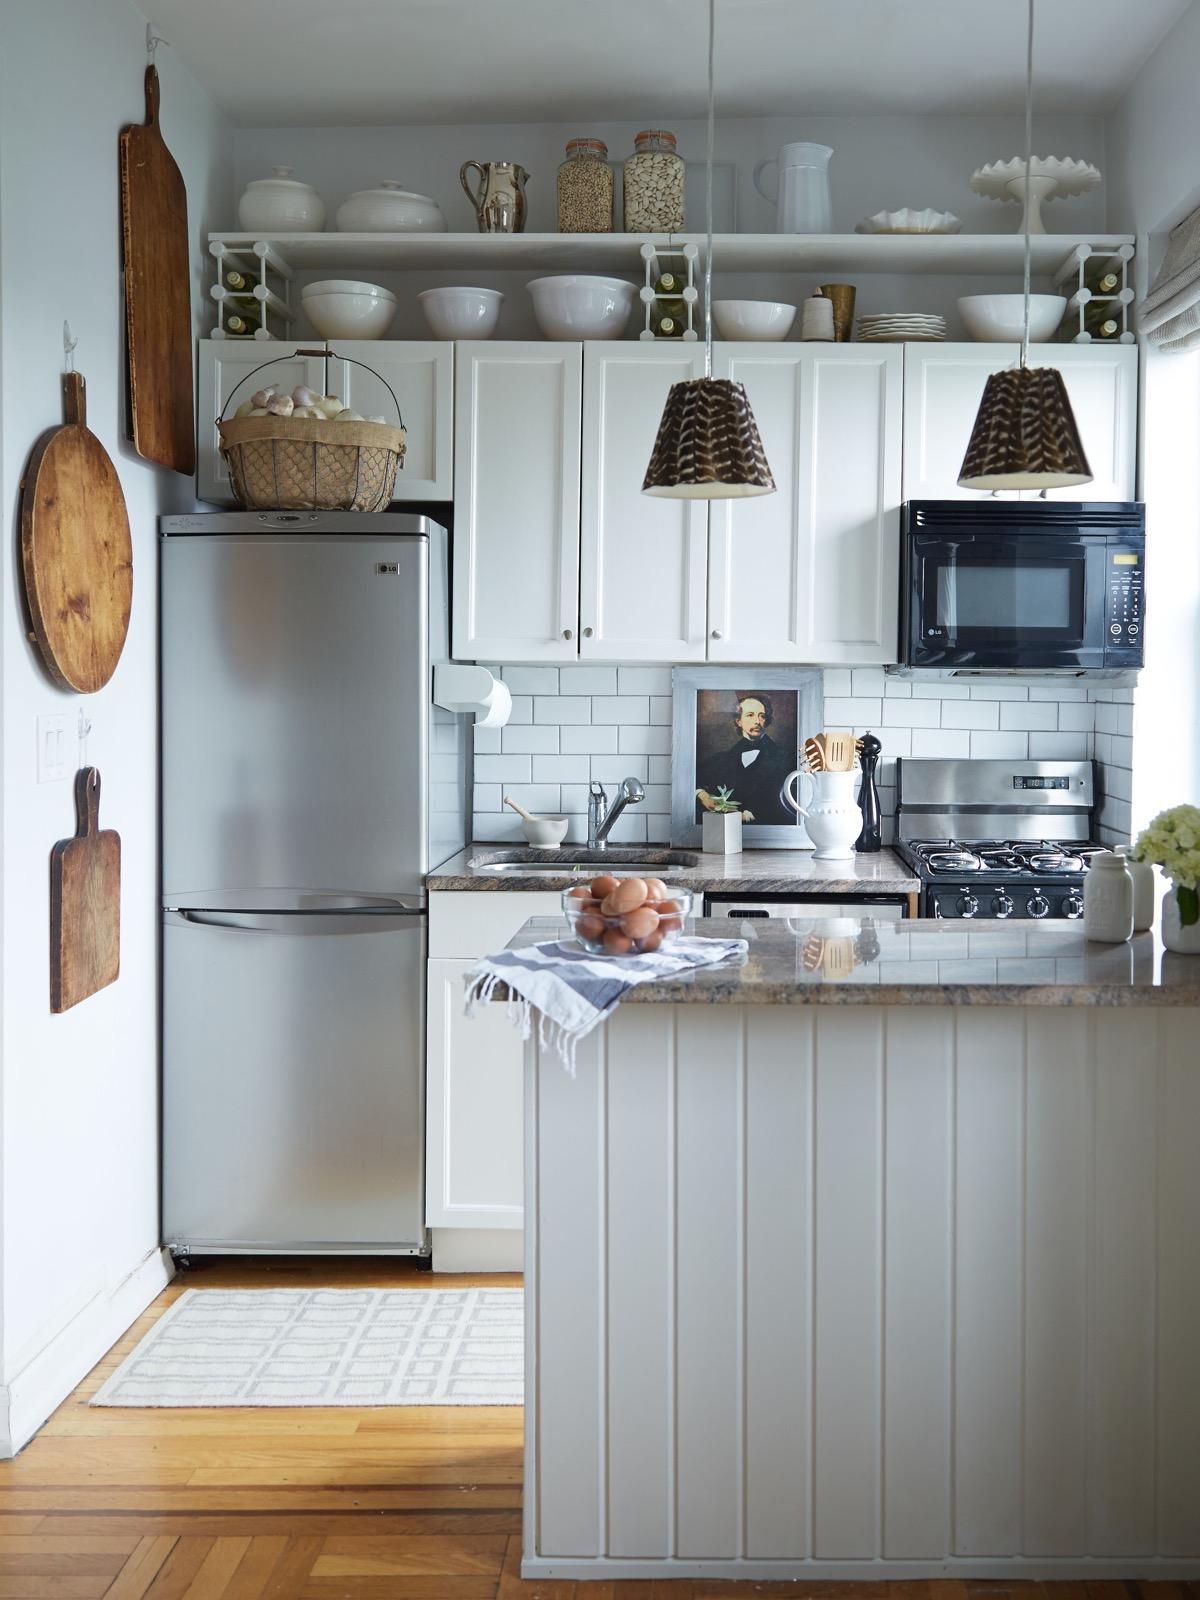 Apartment Small Kitchen Ideas   Novocom.top